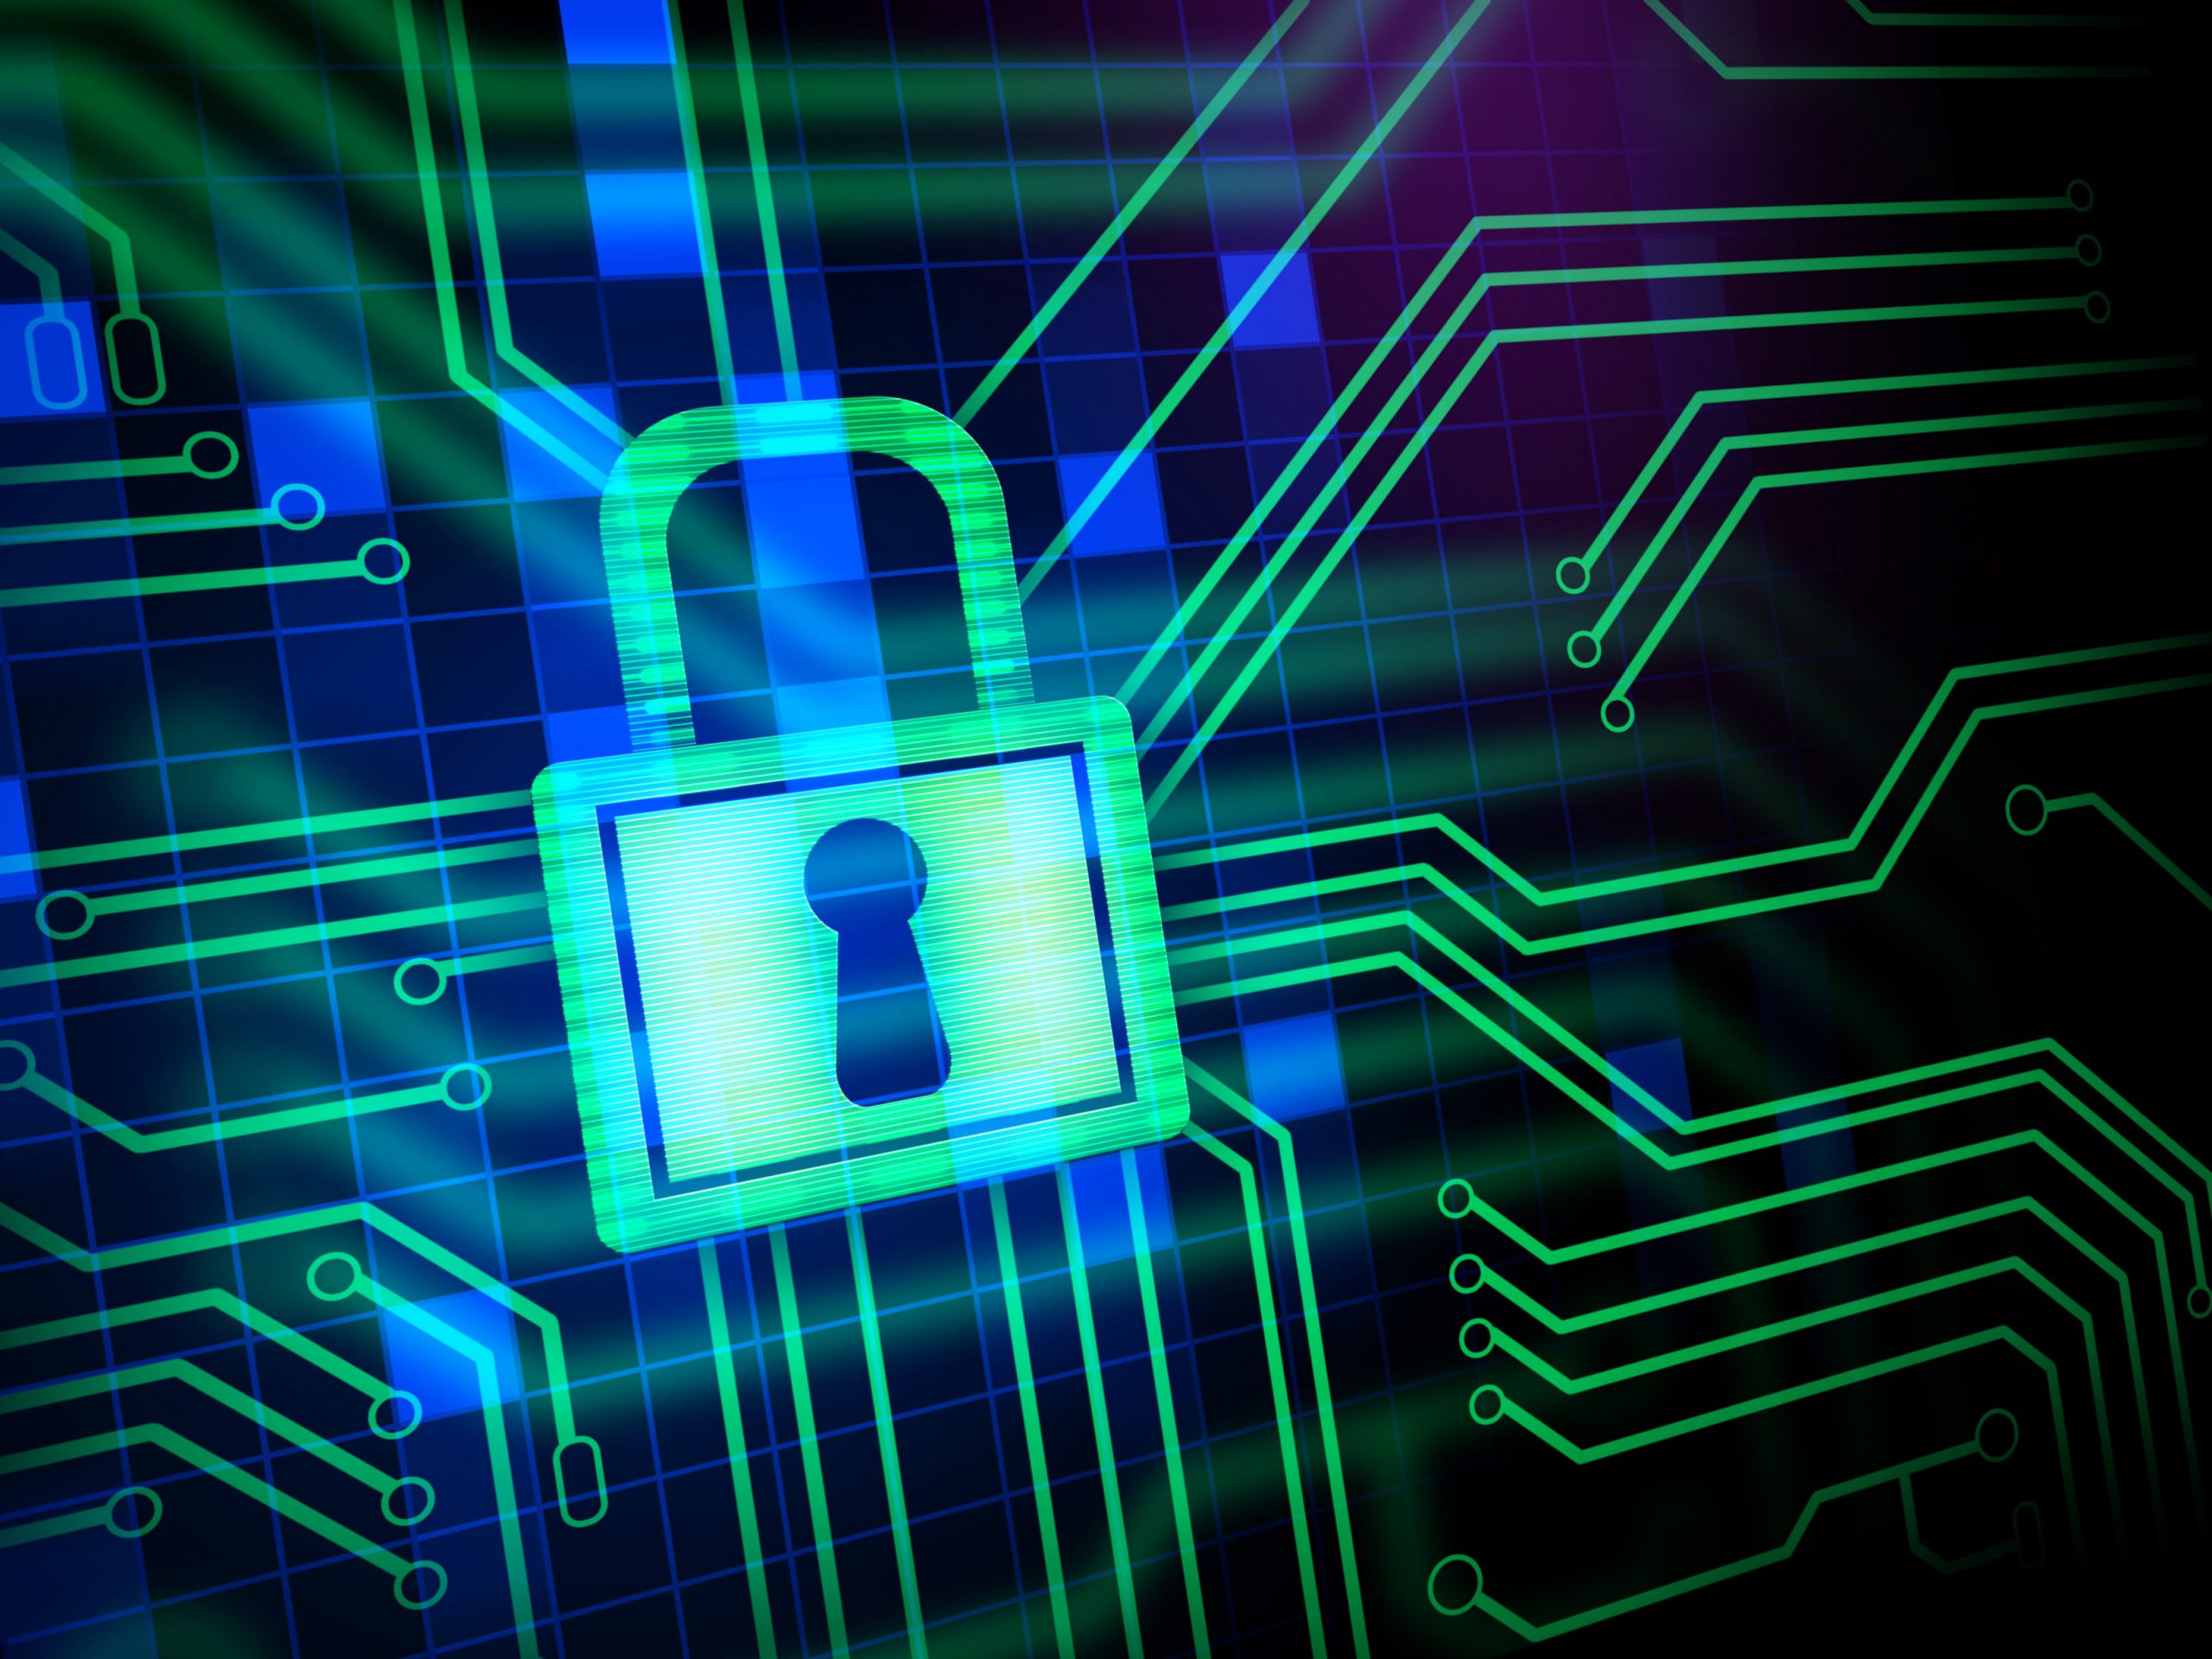 Kaspersky soluciones de seguridad informática para su empresa